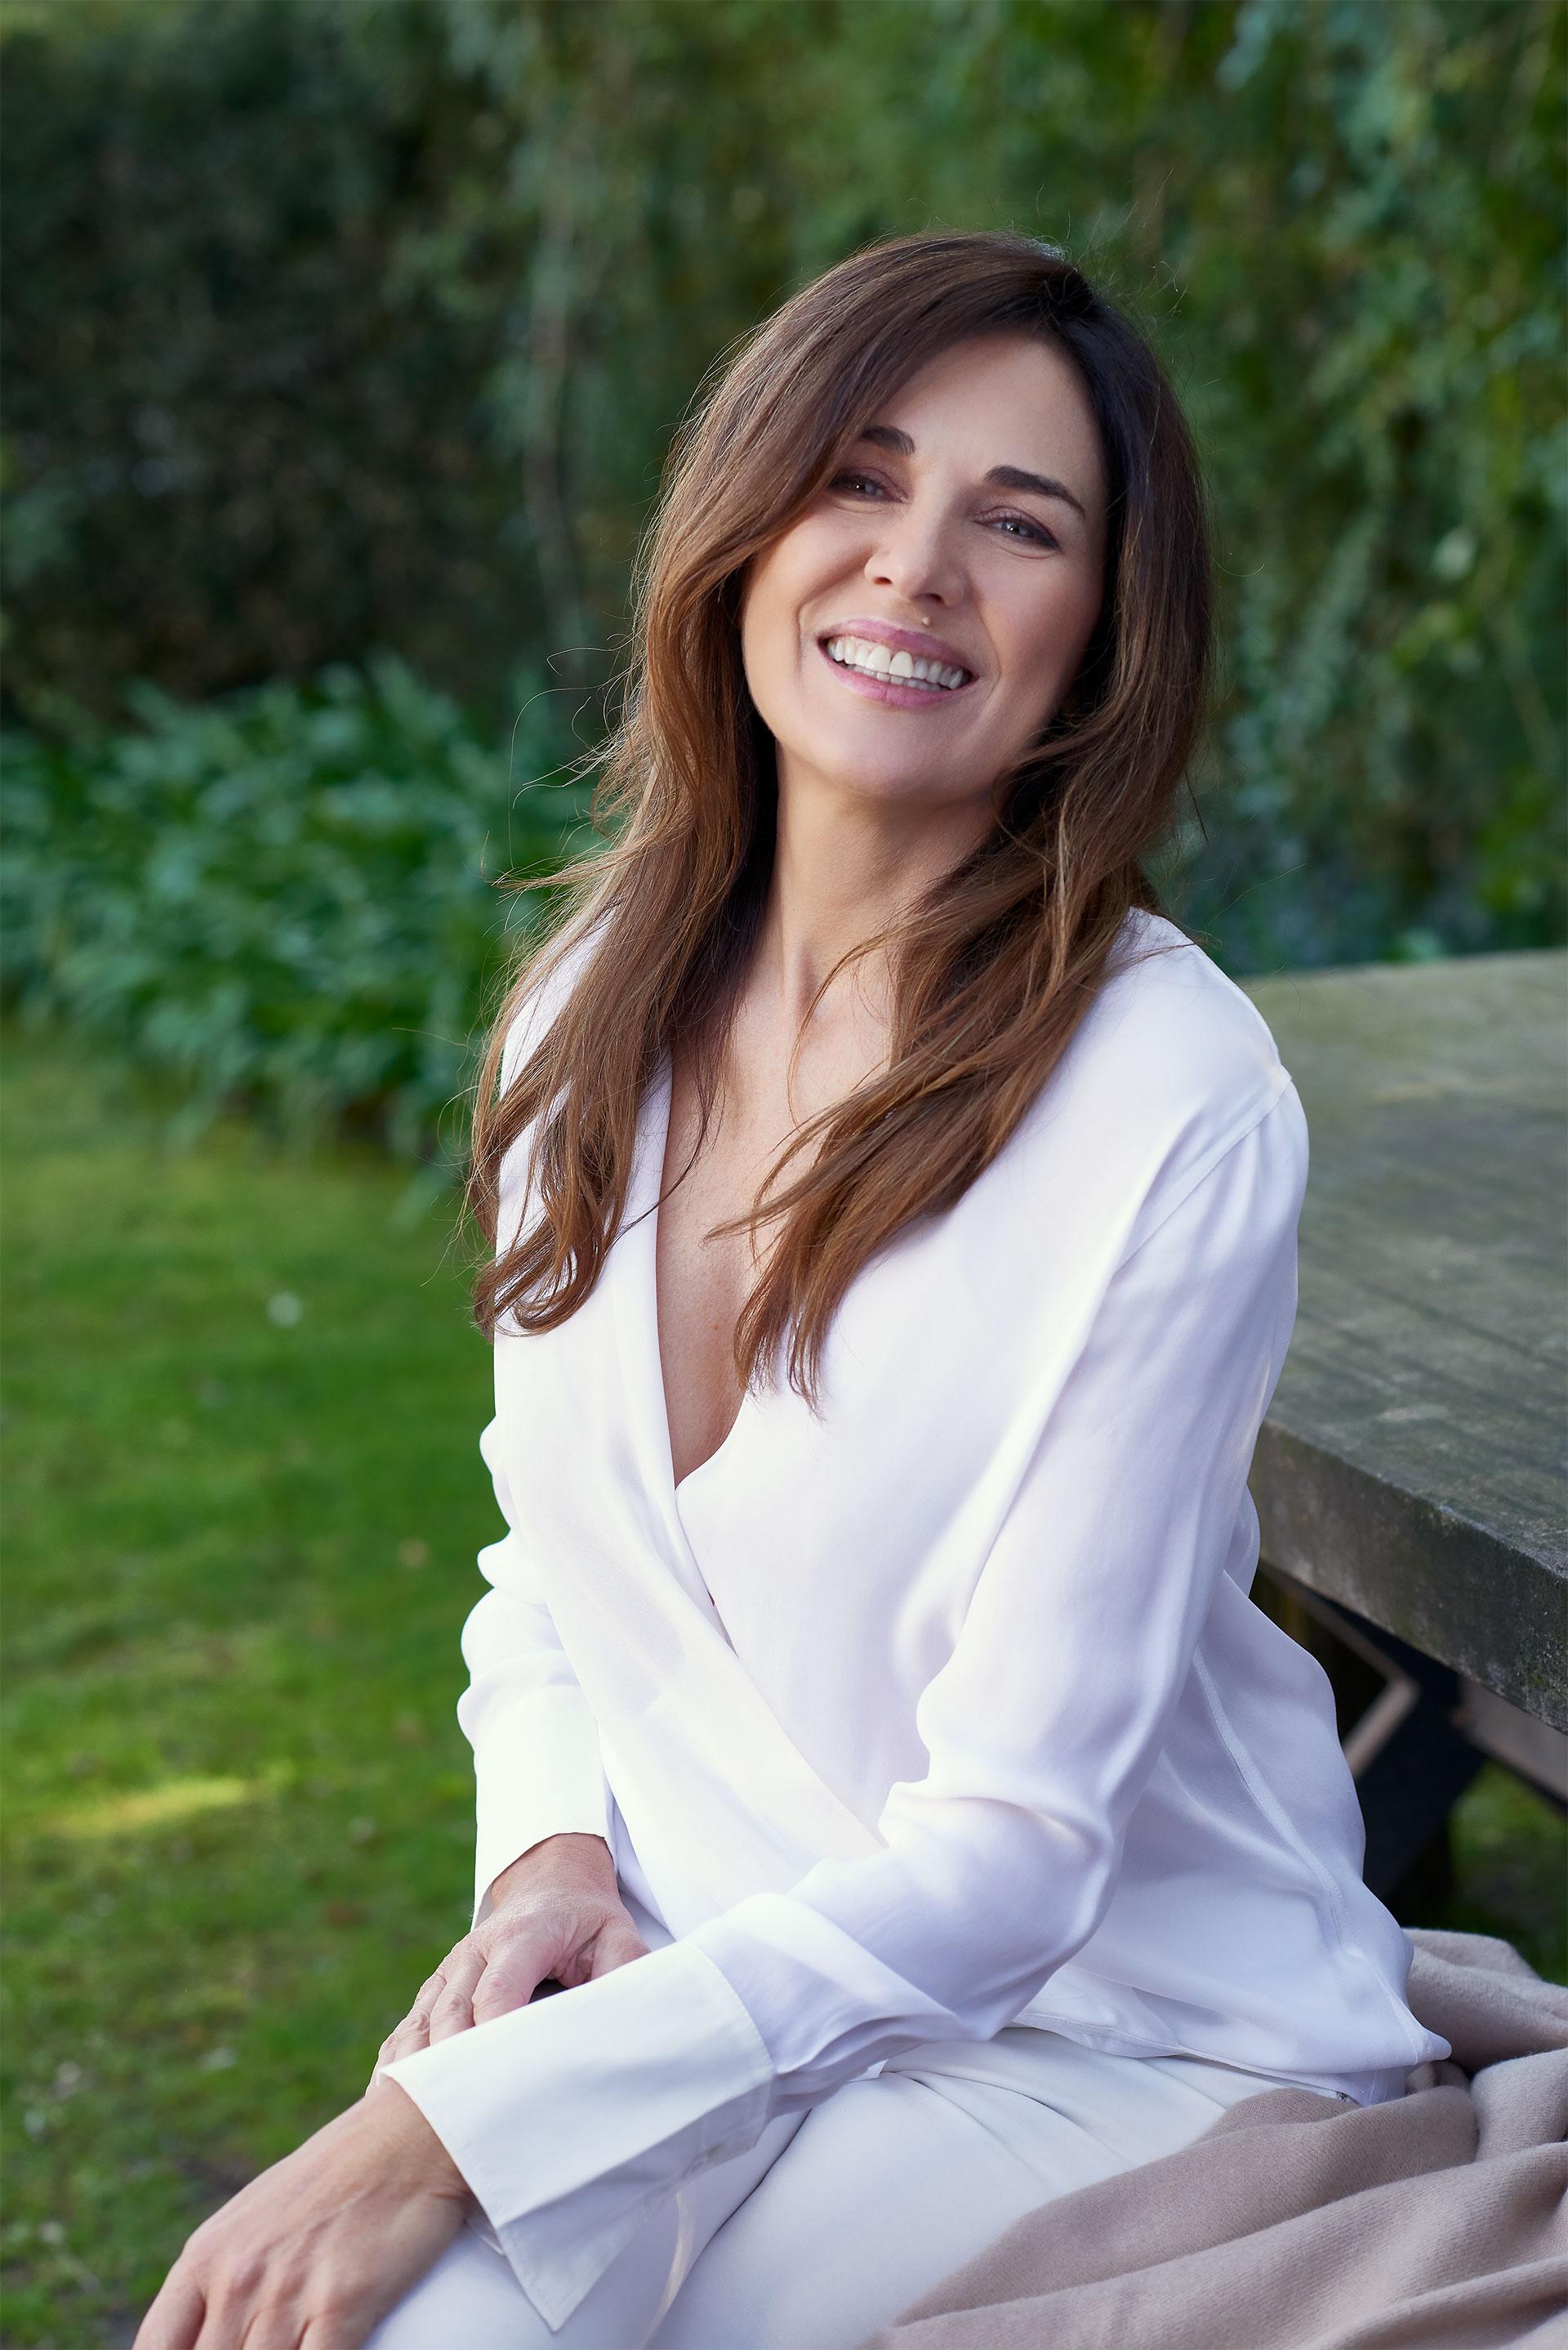 Andrea Frigerio dijo a Infobae que cada vez que va a una gala en el exterior prefiere vestirse con diseñadores nacionales (Claudia Cebrian)